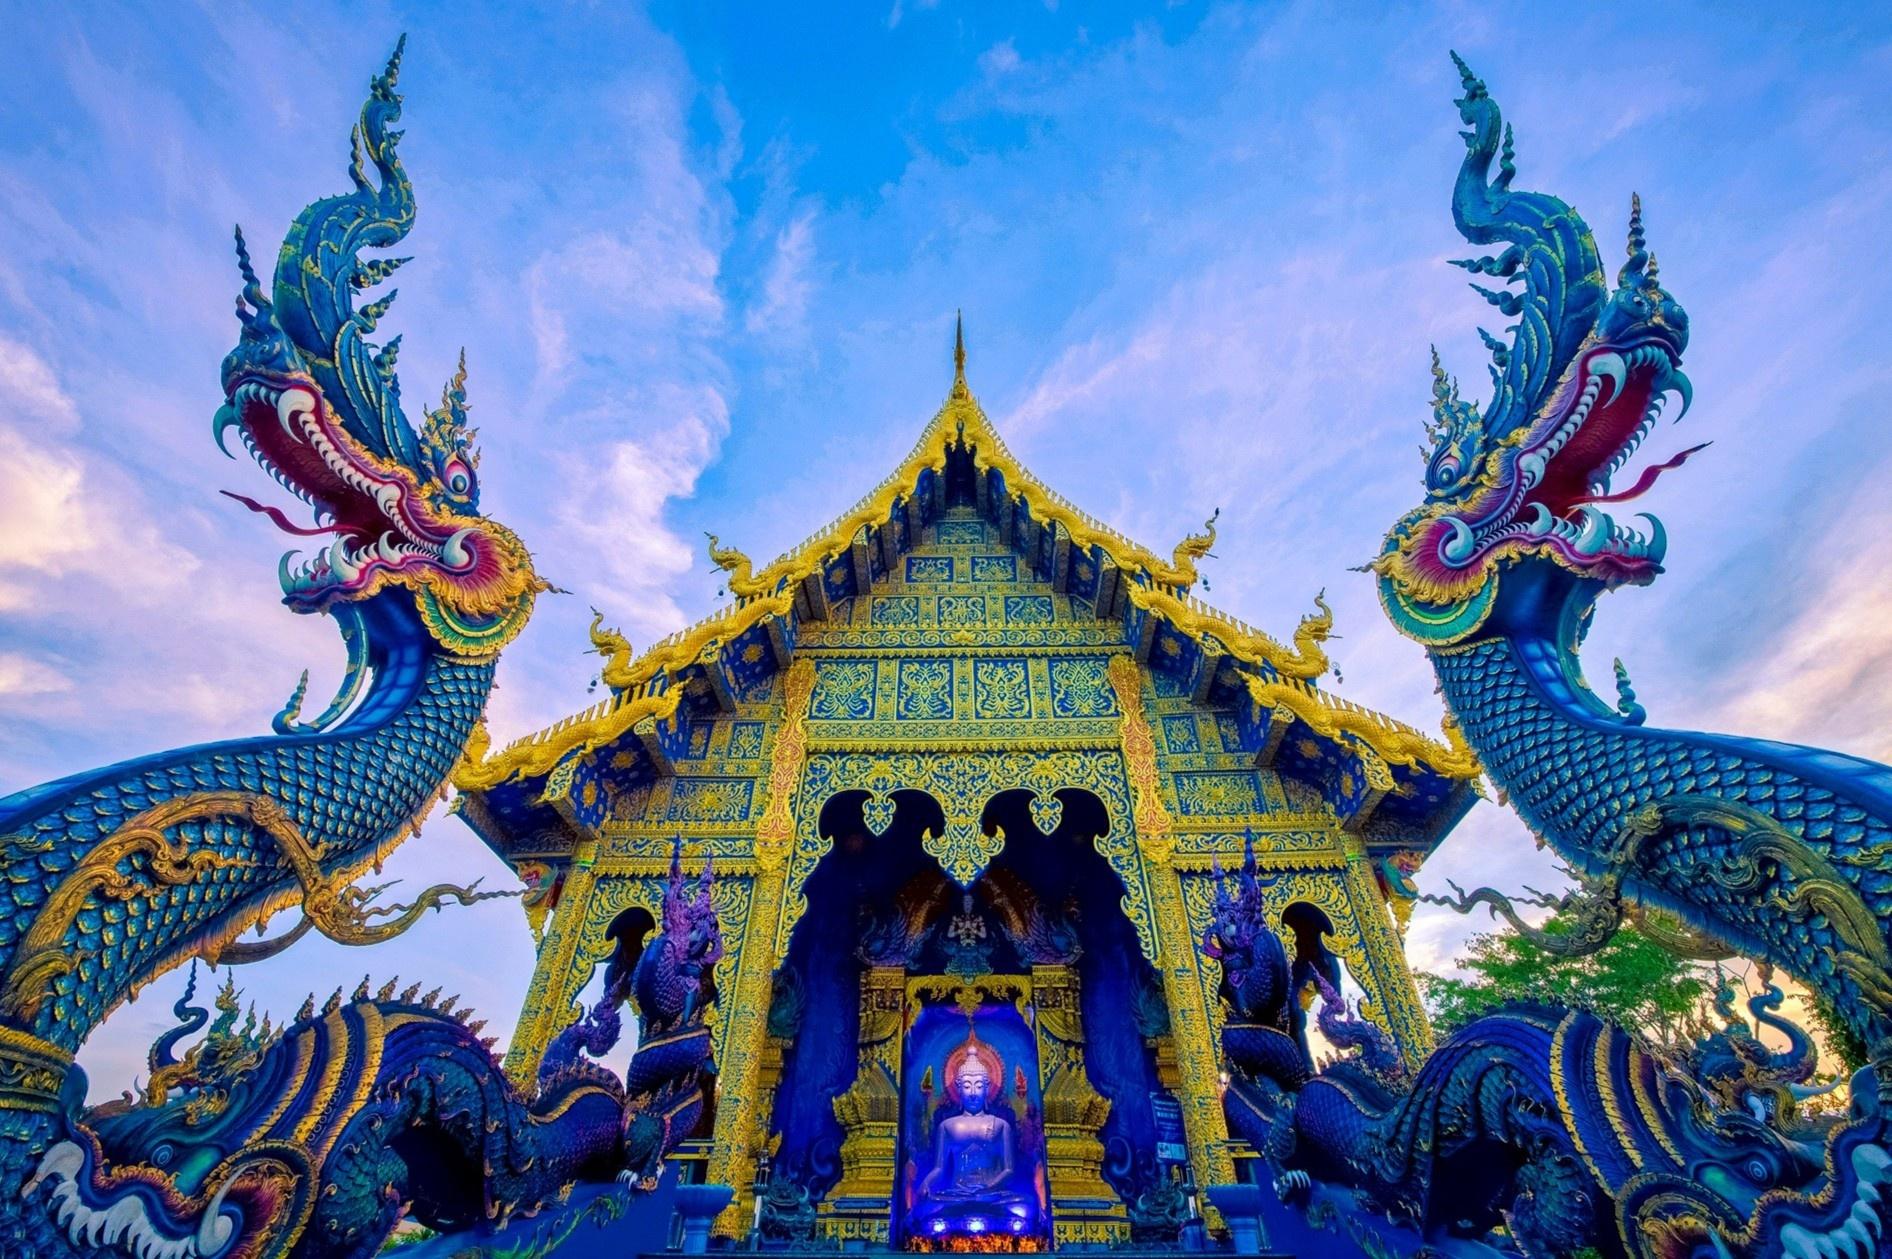 Ngôi chùa dát vàng phủ màu xanh từ trong ra ngoài